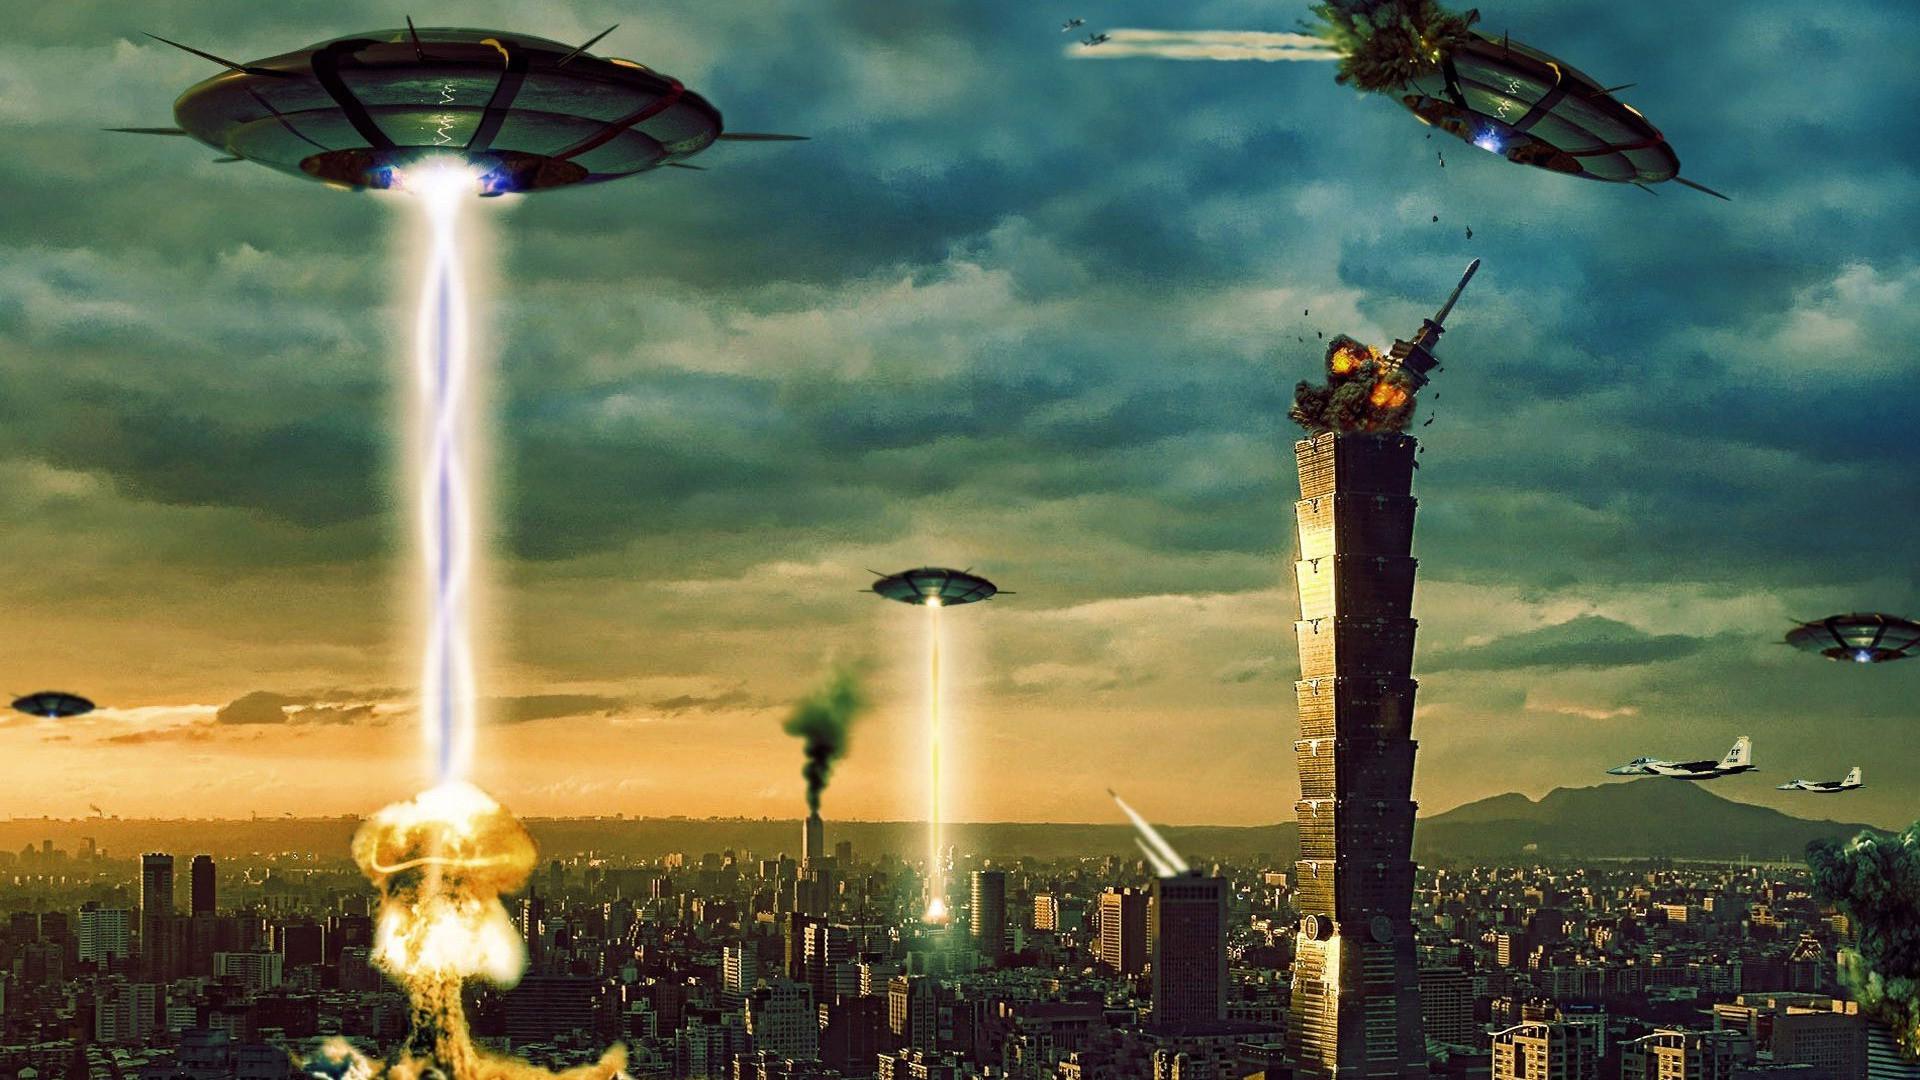 UFOs Wallpaper Free